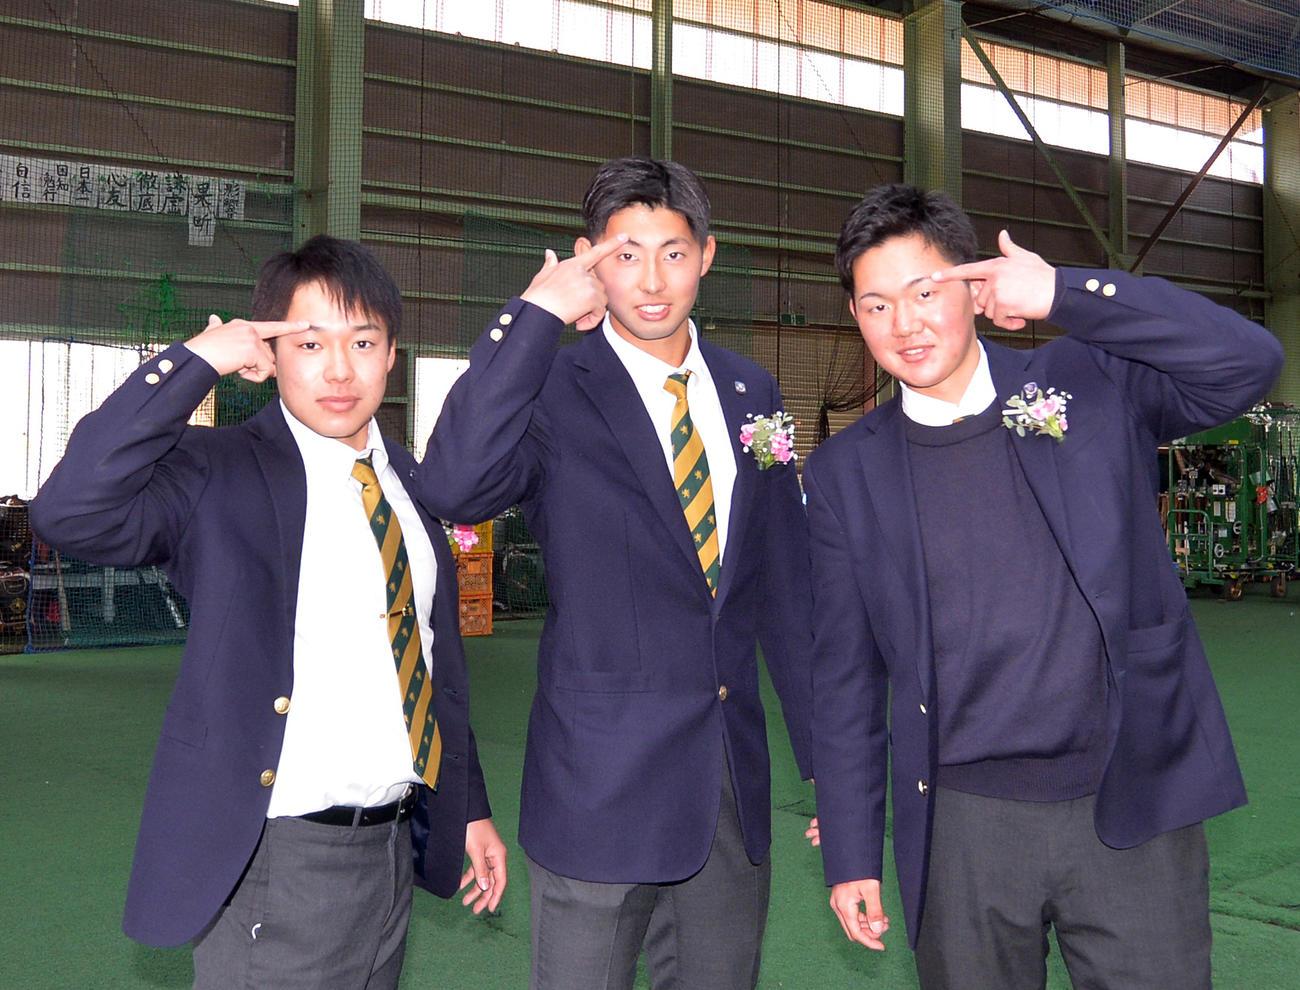 仙台育英を卒業しポーズを取る、左から田中、楽天入江、宮本(撮影・佐藤究)